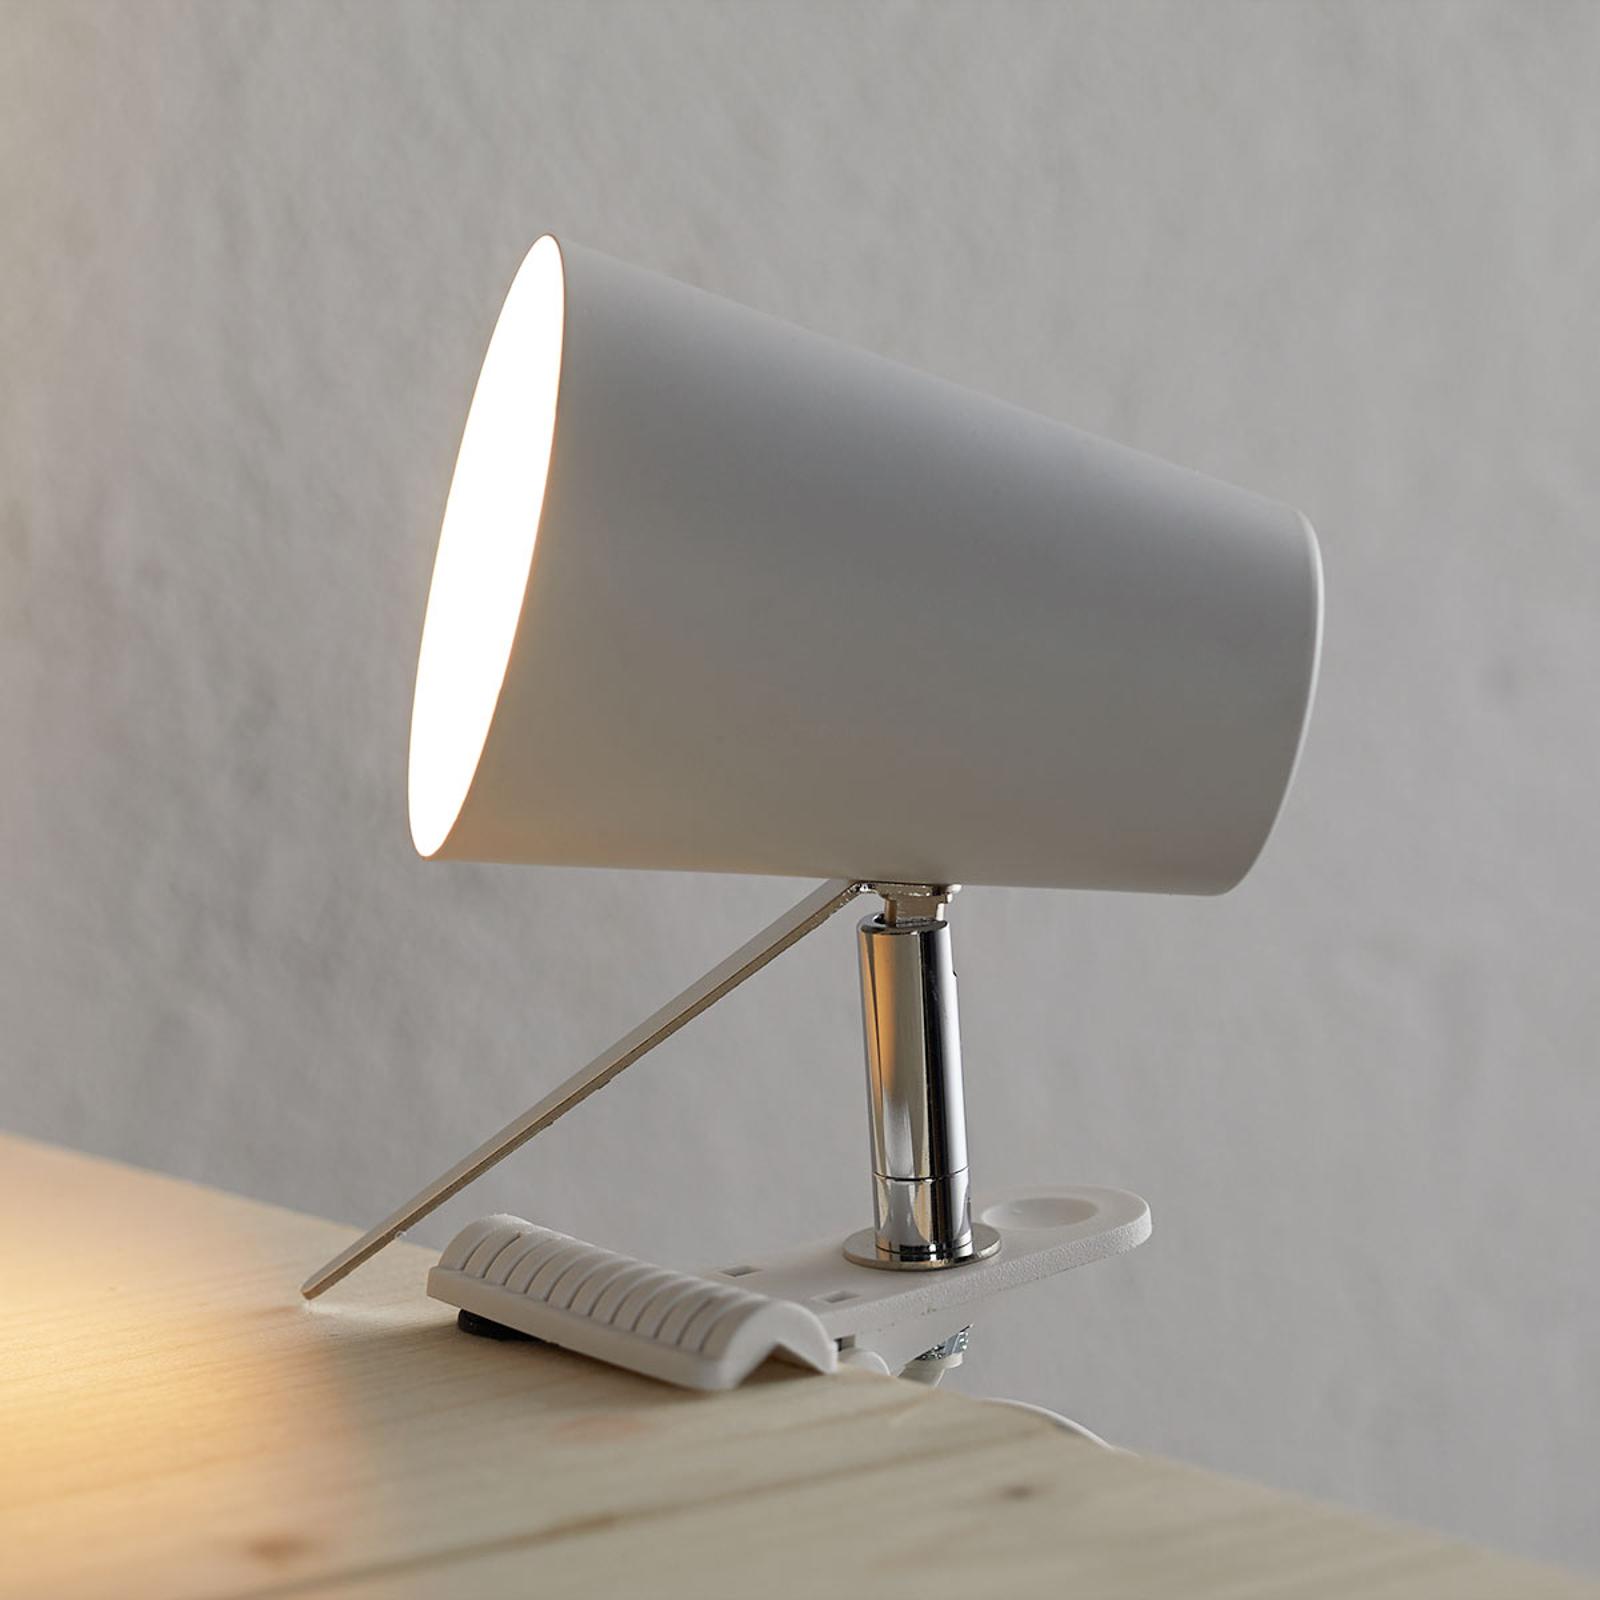 Nowoczesna biała lampa Clampspots z klipsem